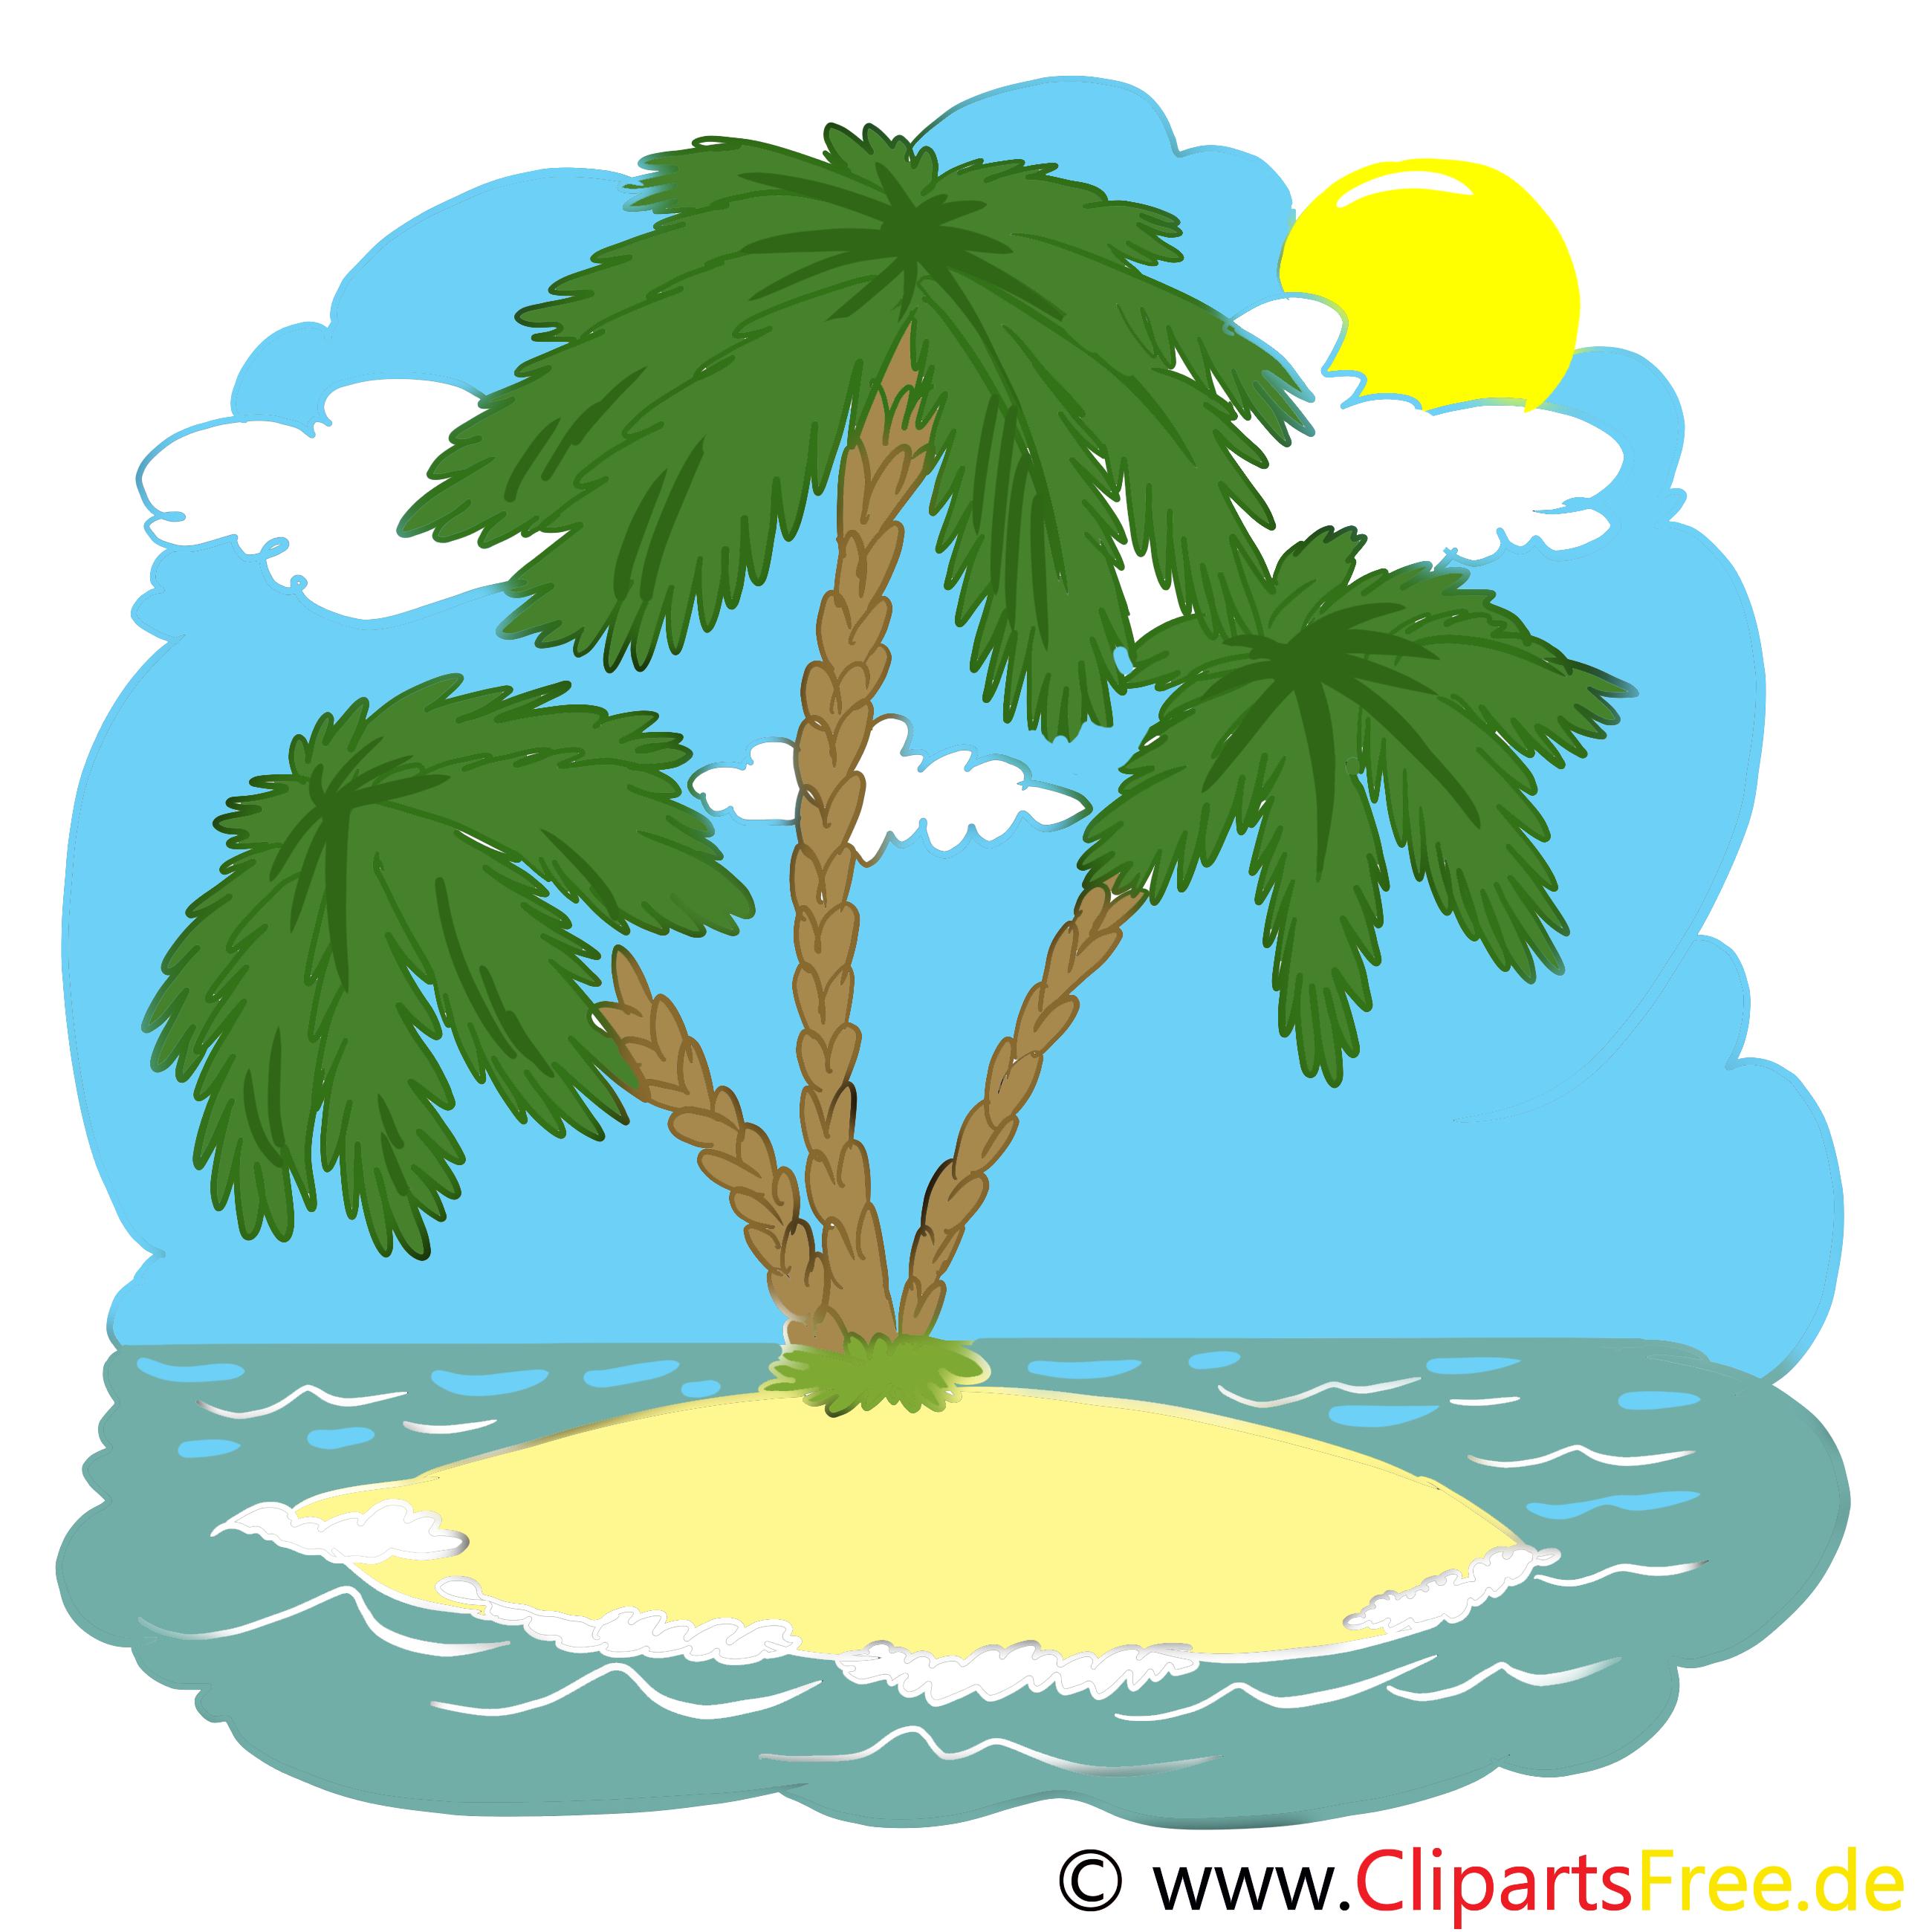 Mer dessin gratuit t l charger palmier image voyage - Palmier dessin ...